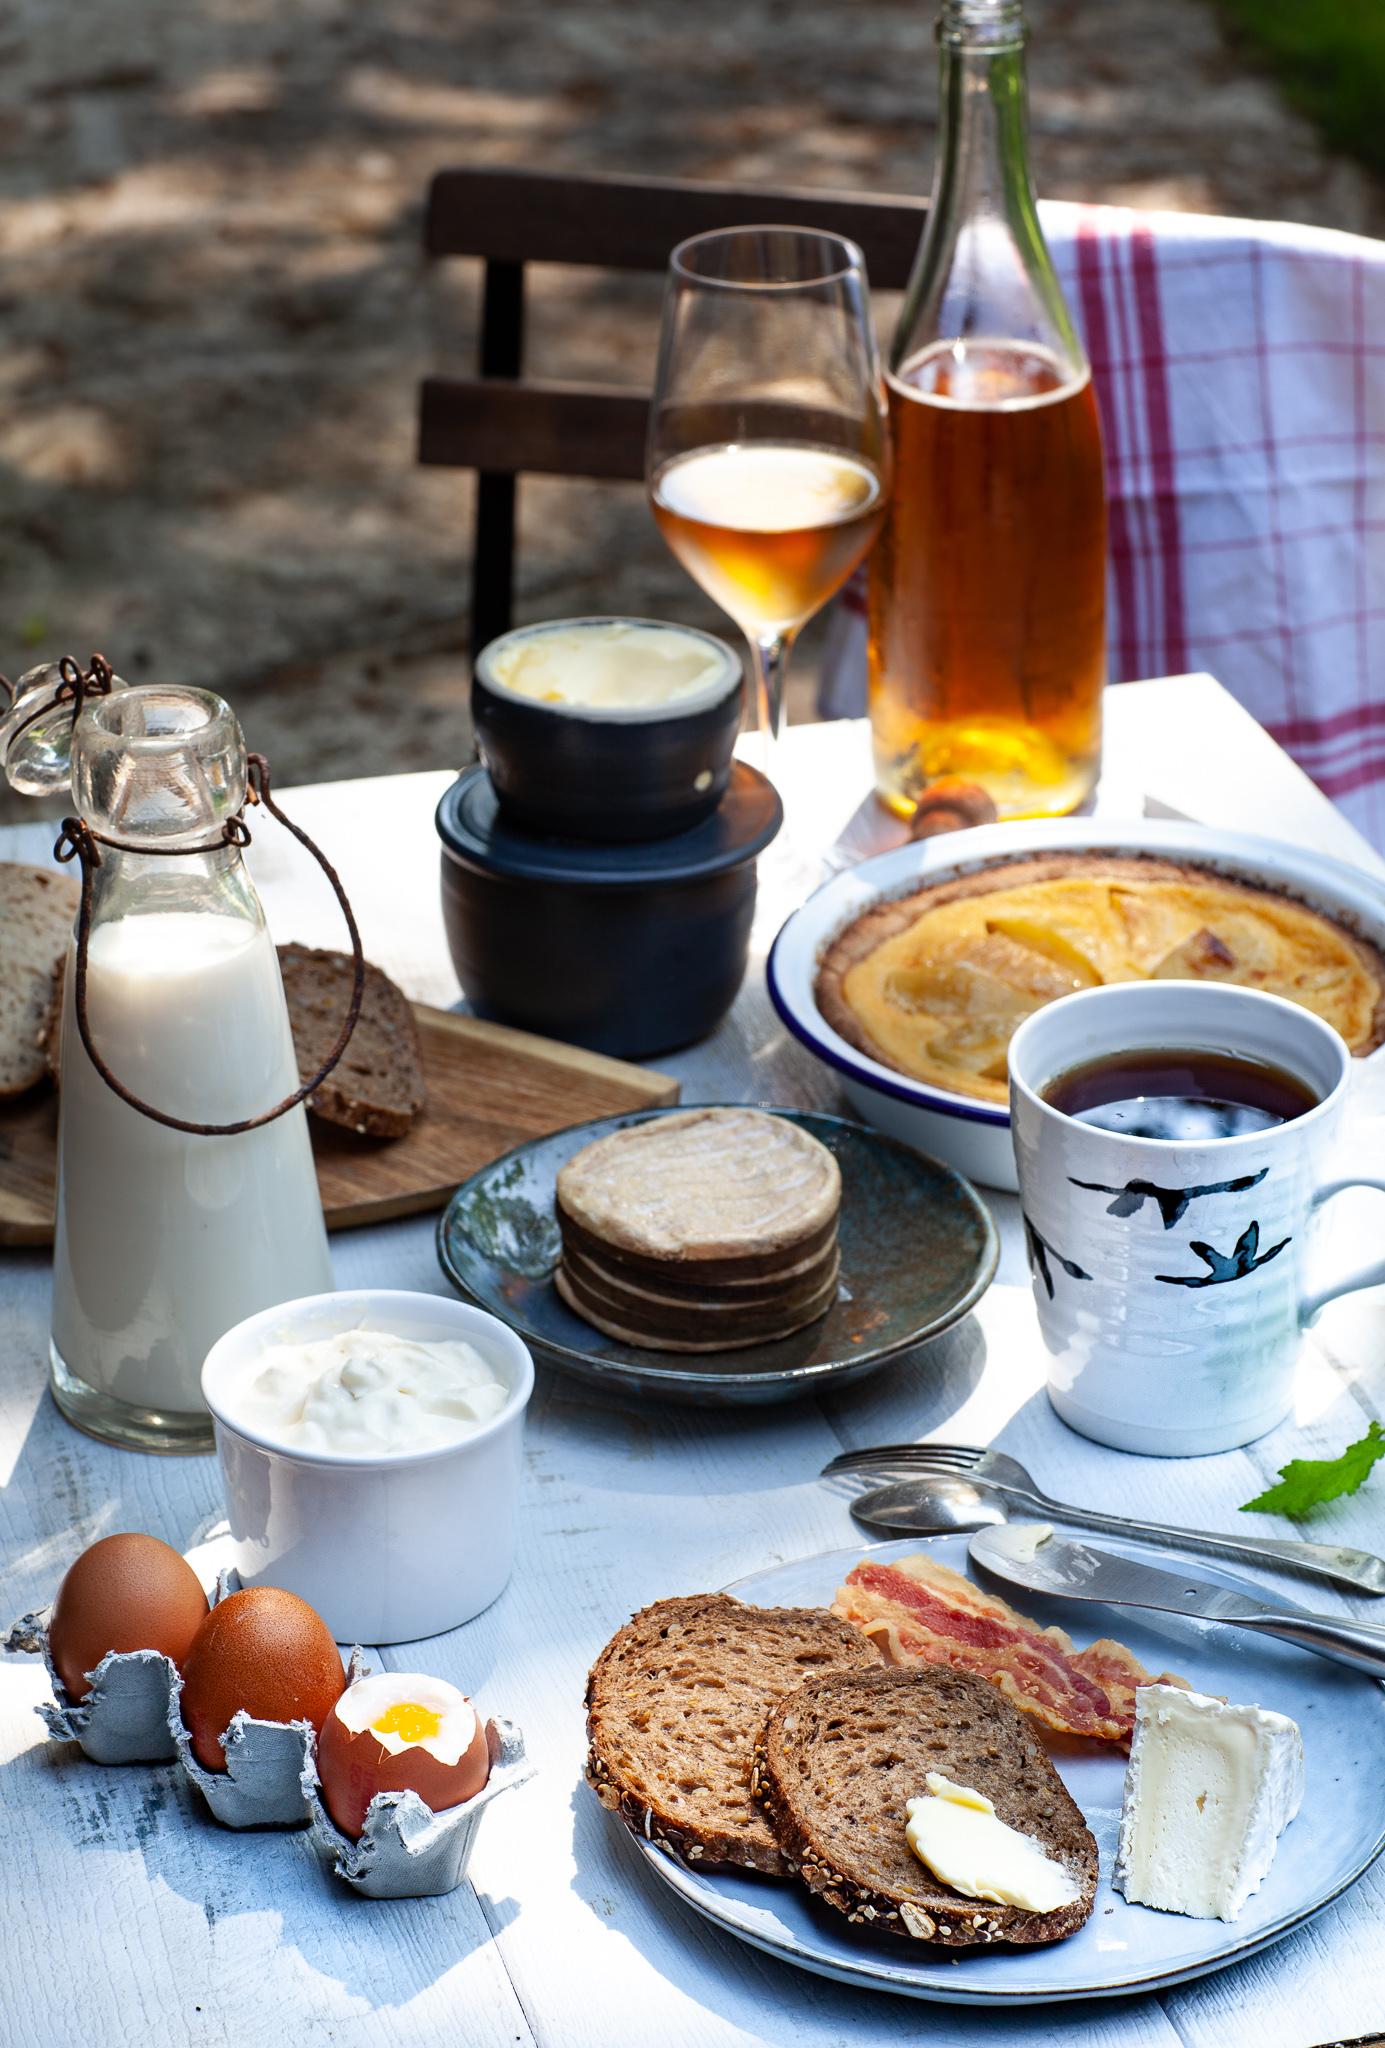 Petit déjeuner à la normande avec des produits AOC AOP de Normandie